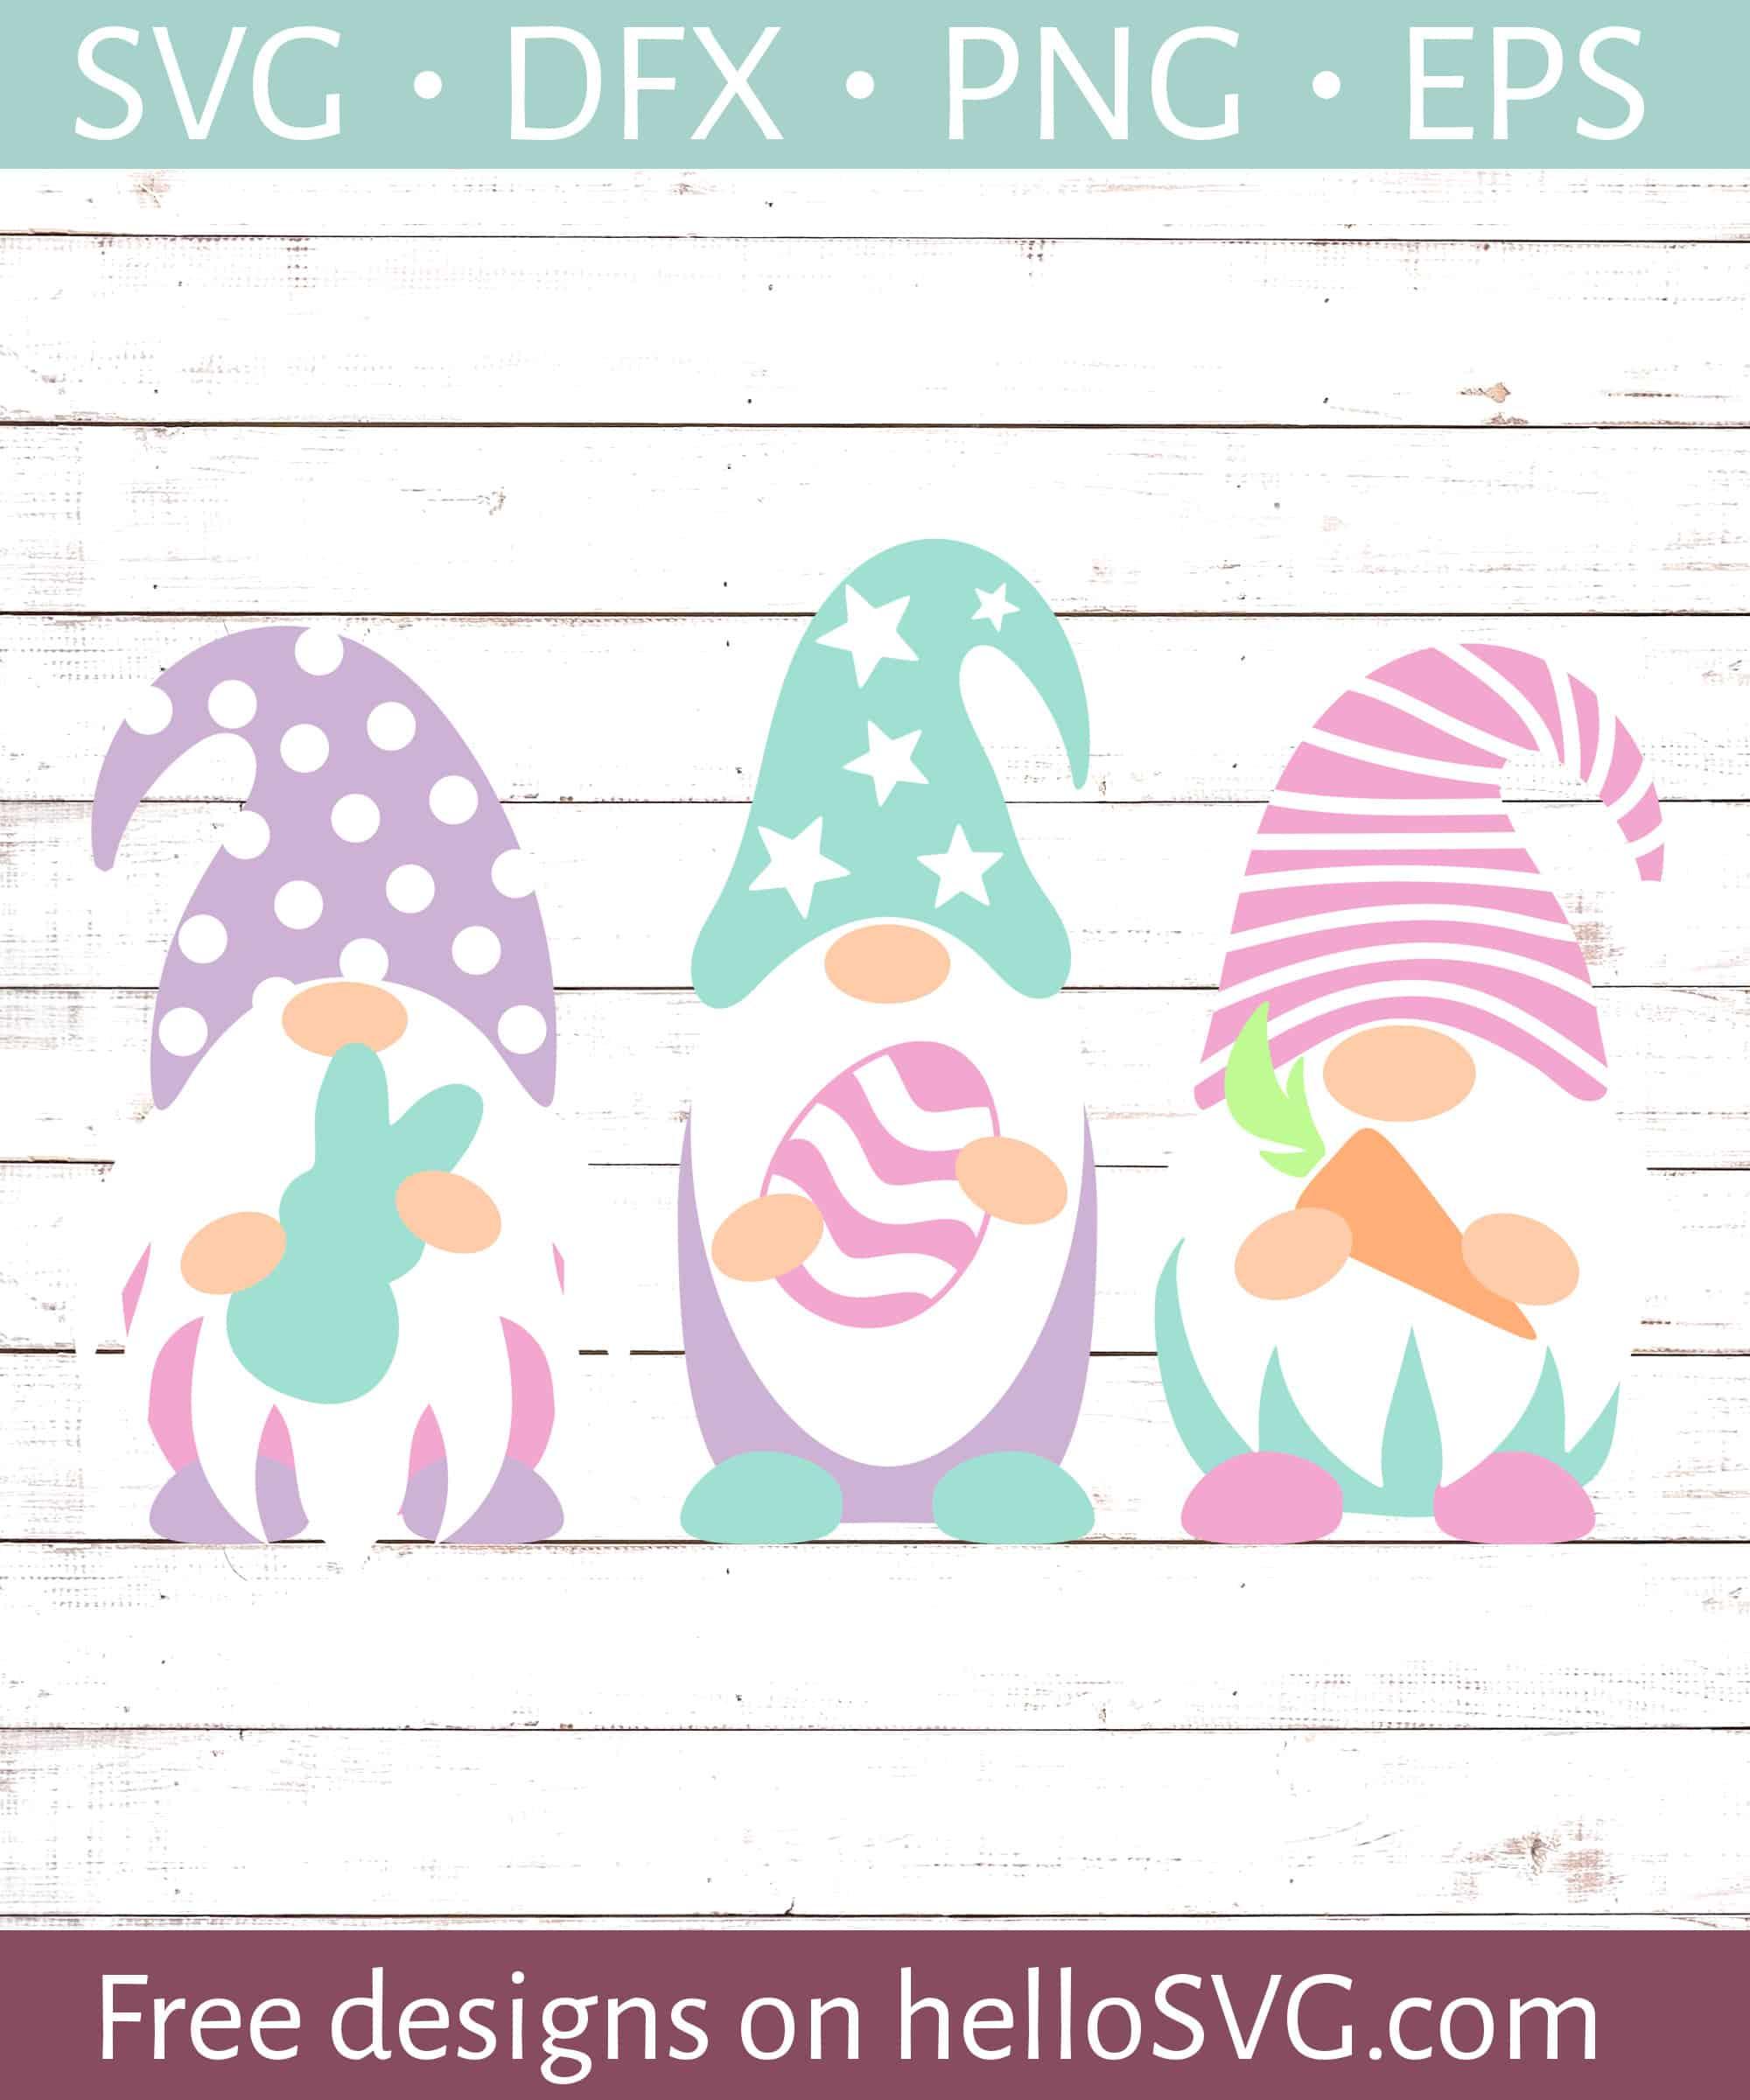 Free Gnome Svg : gnome, Easter, Gnomes, Files, HelloSVG.com